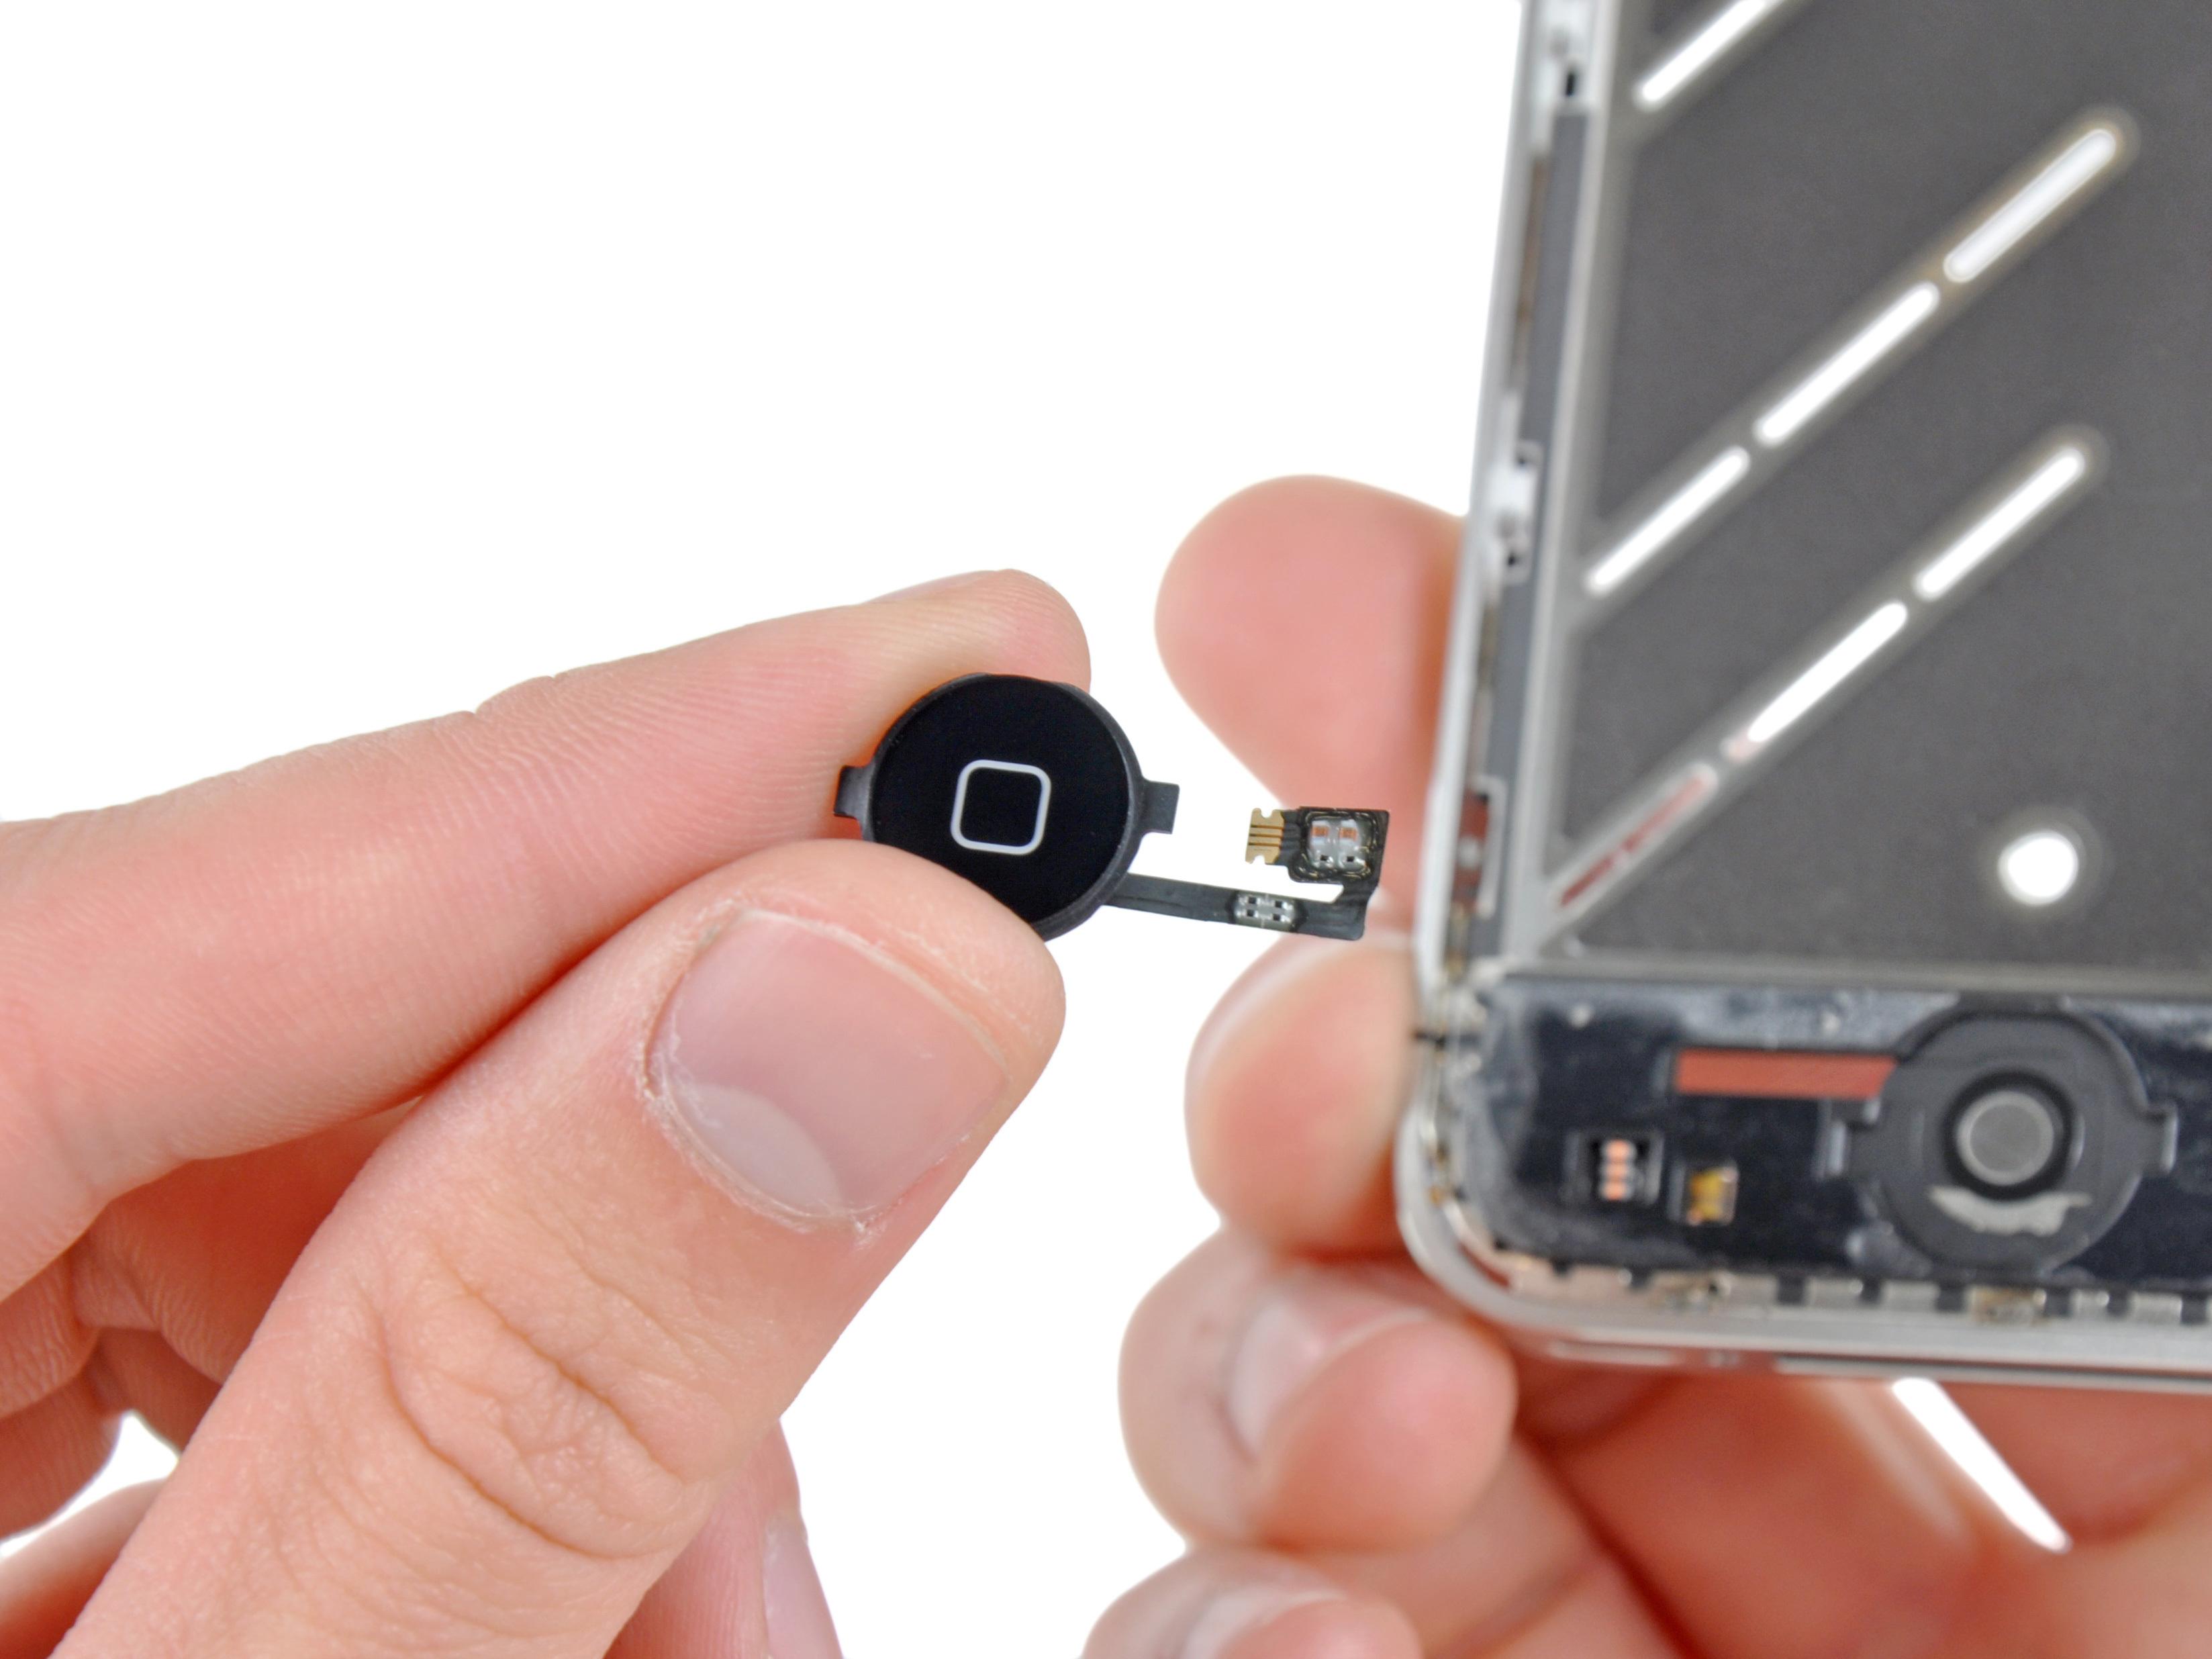 Замена кнопки home на ipad 4 своими руками с фото